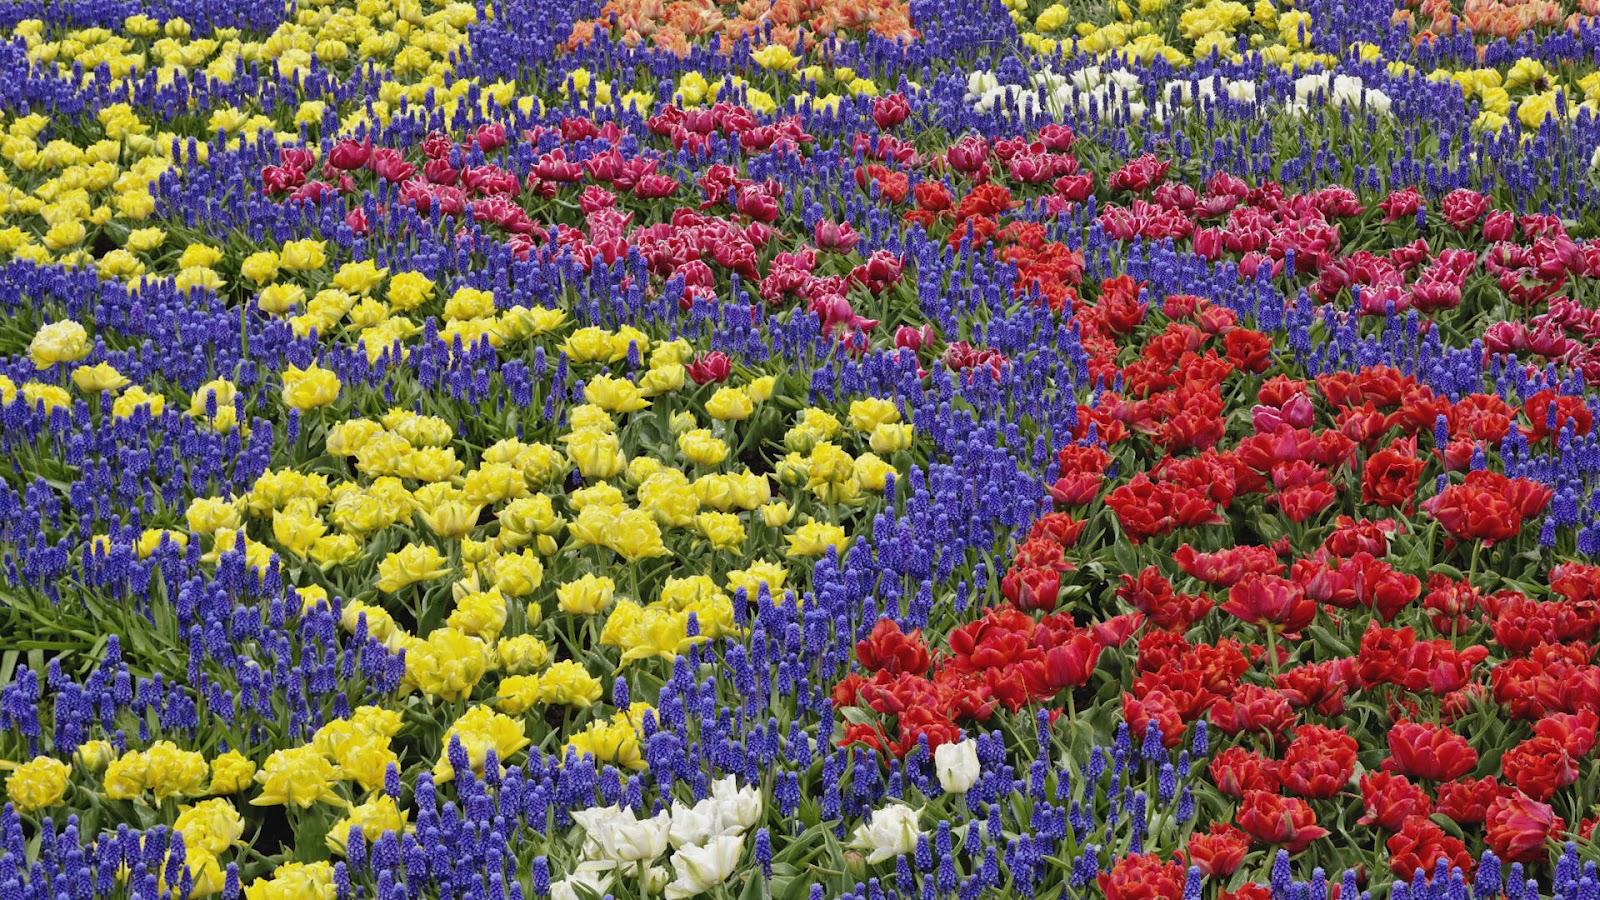 http://4.bp.blogspot.com/-UZ85pg7ew6A/T75yKdIk5_I/AAAAAAAAA20/3ul9_LdN0Kc/s1600/nice-wallpapers-Desktop-Flower-Patterns-Gardens-Netherlands-background-ajd-1920x1080.jpg